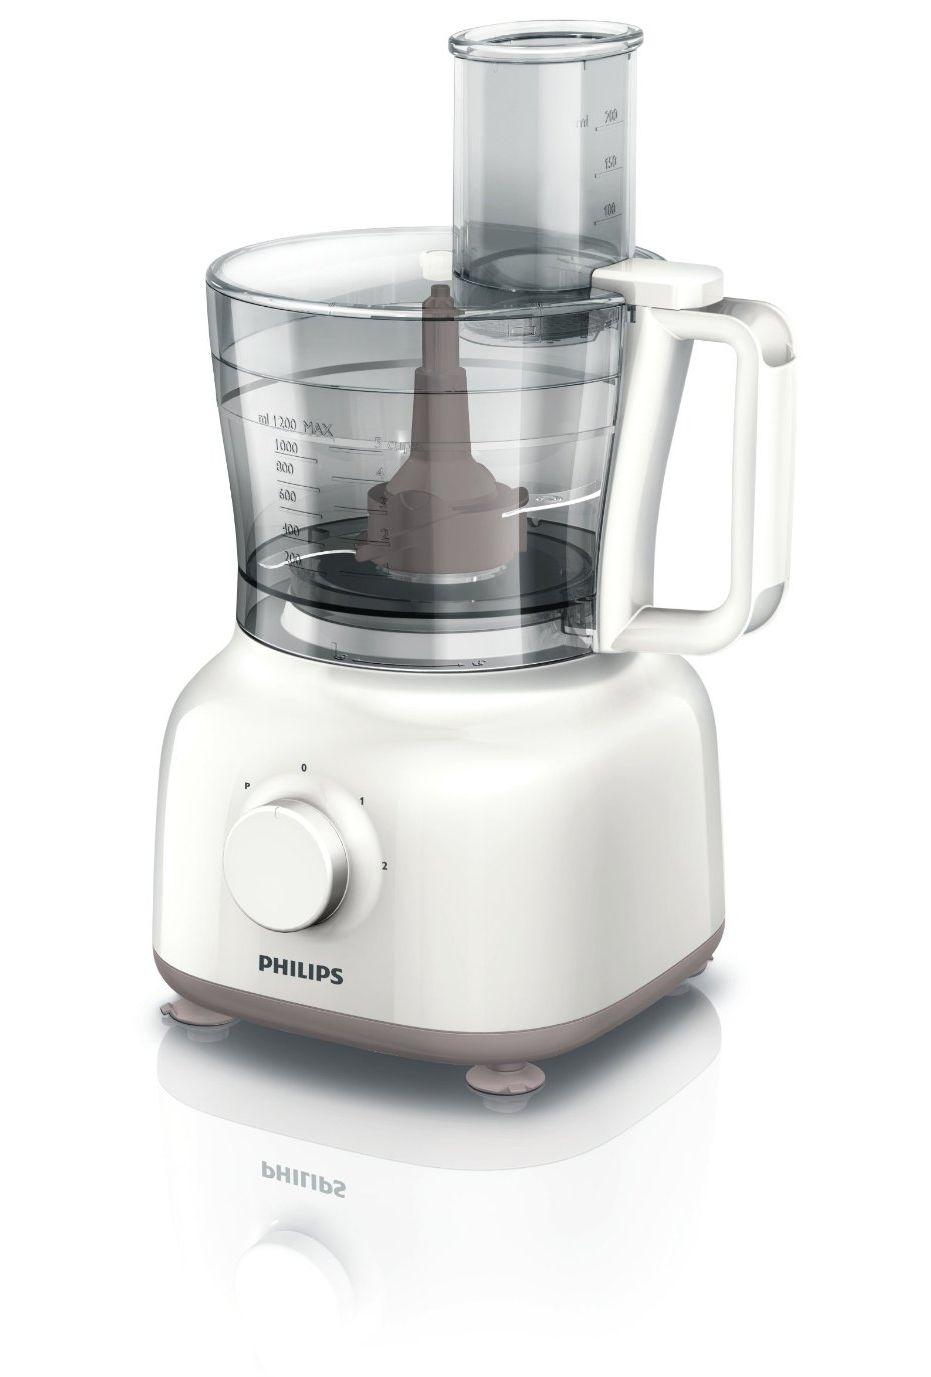 Philips hr7628 00 leggi la recensione con foto e tanti consigli - Robot da cucina philips essence ...